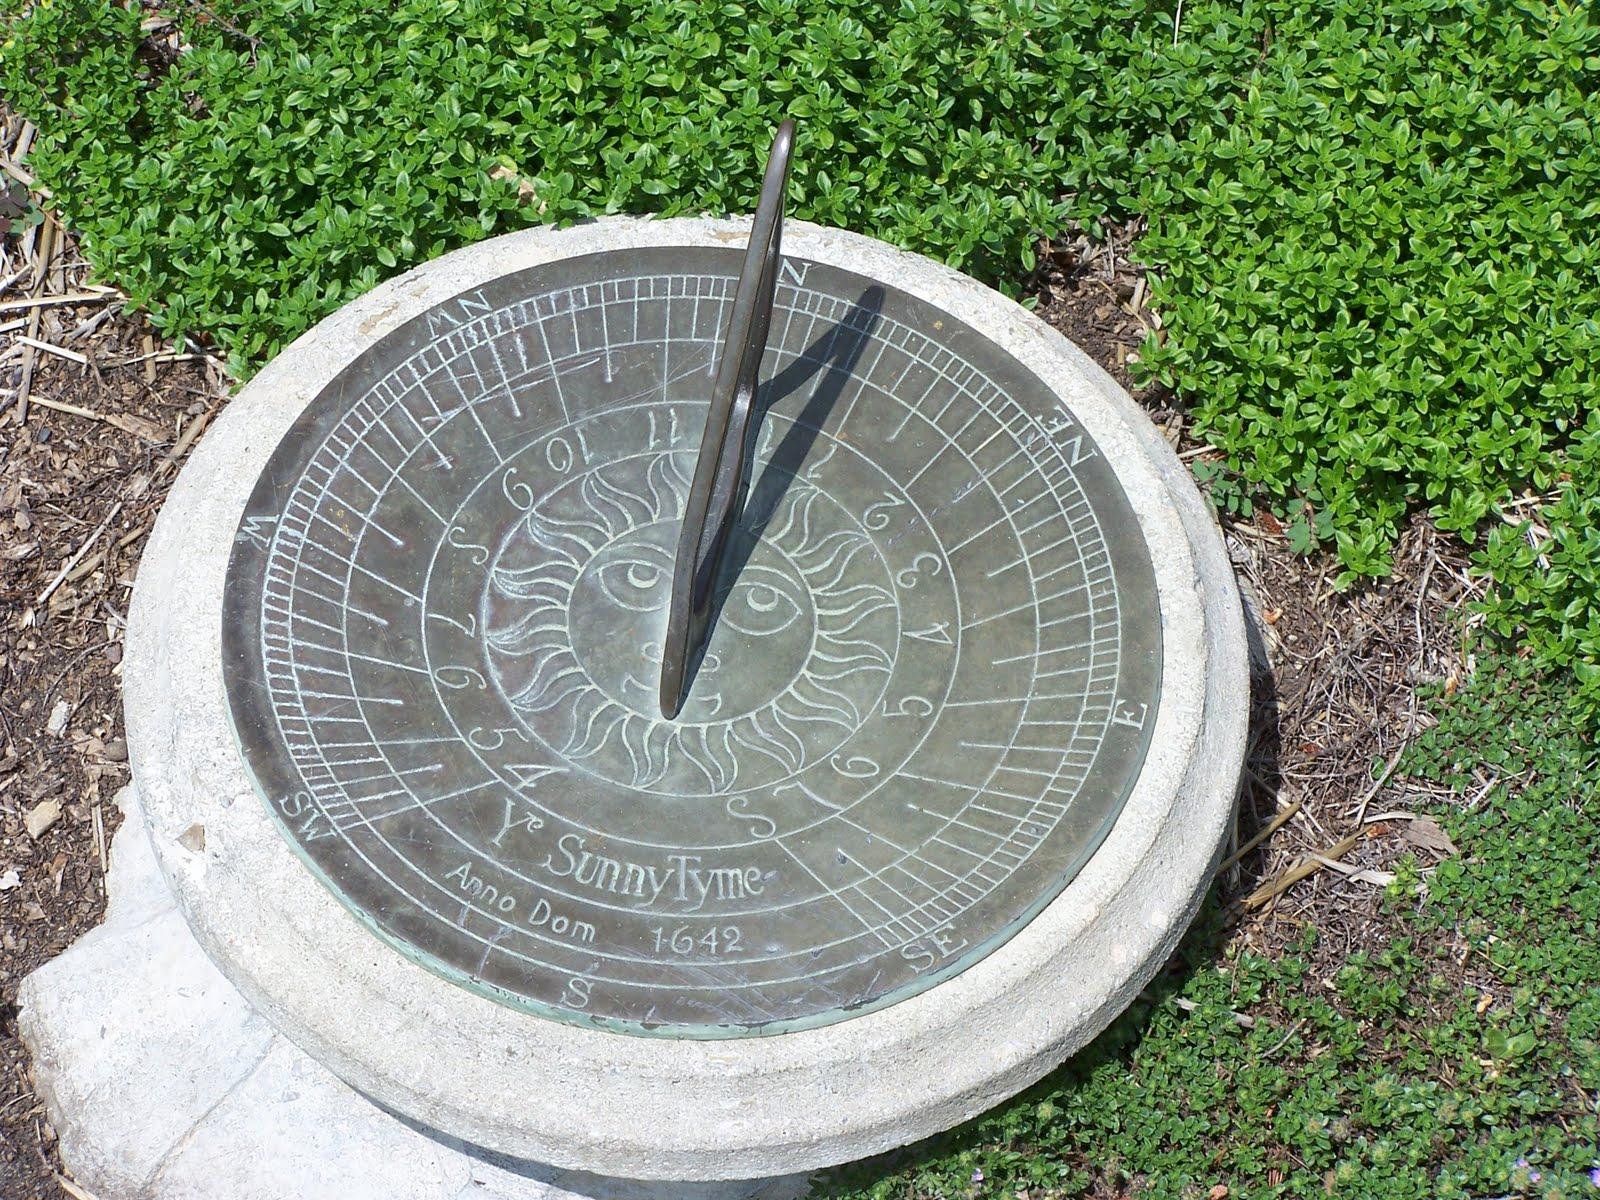 09defa44917 Senhora História  A História do Relógio de sol (Gnomon)